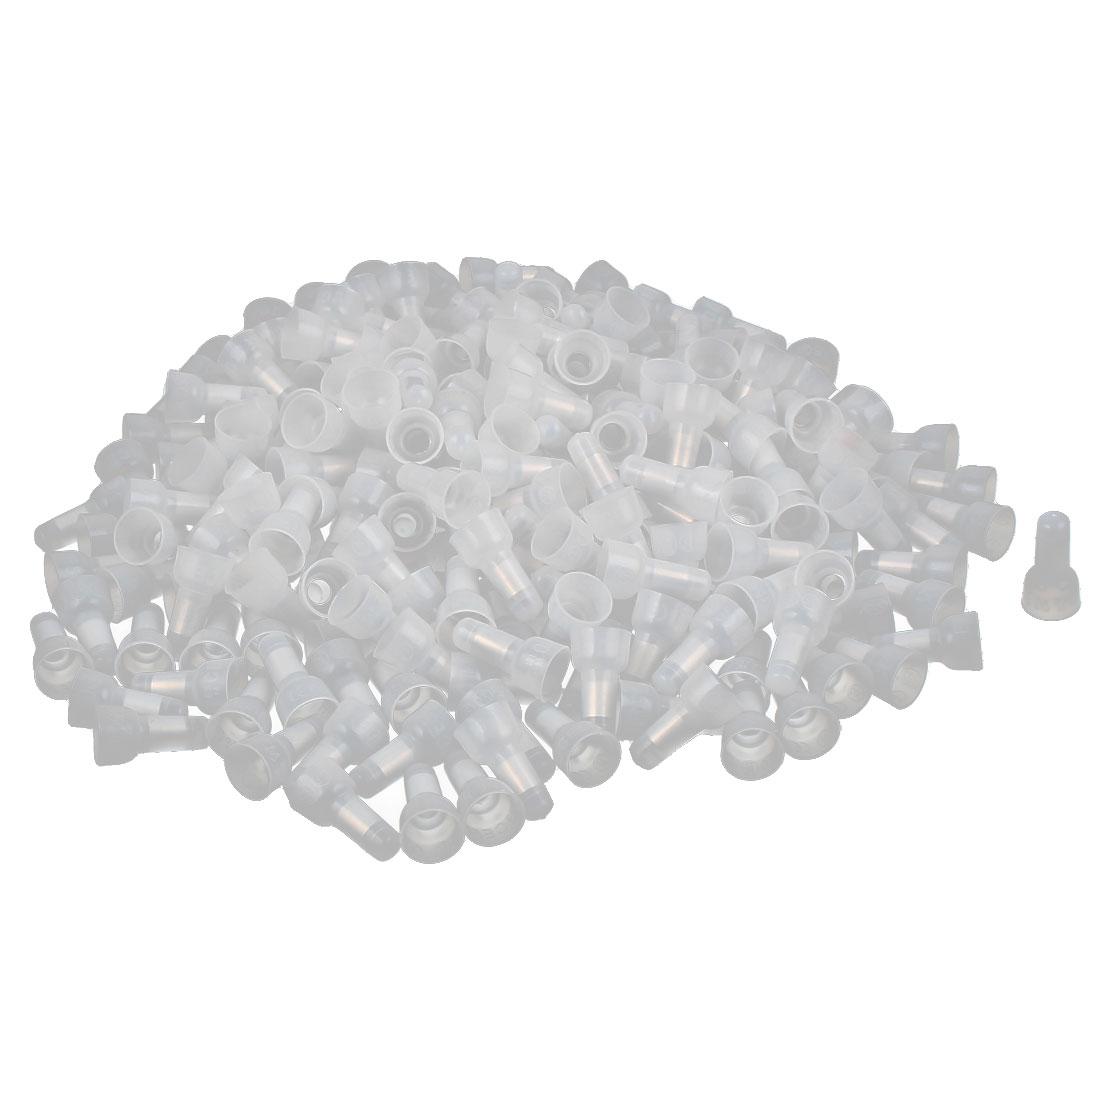 226pcs 10-12mm CE5 Plastic Crimp Cap Wire Closed End Connectors Covers Safeguard Clear White